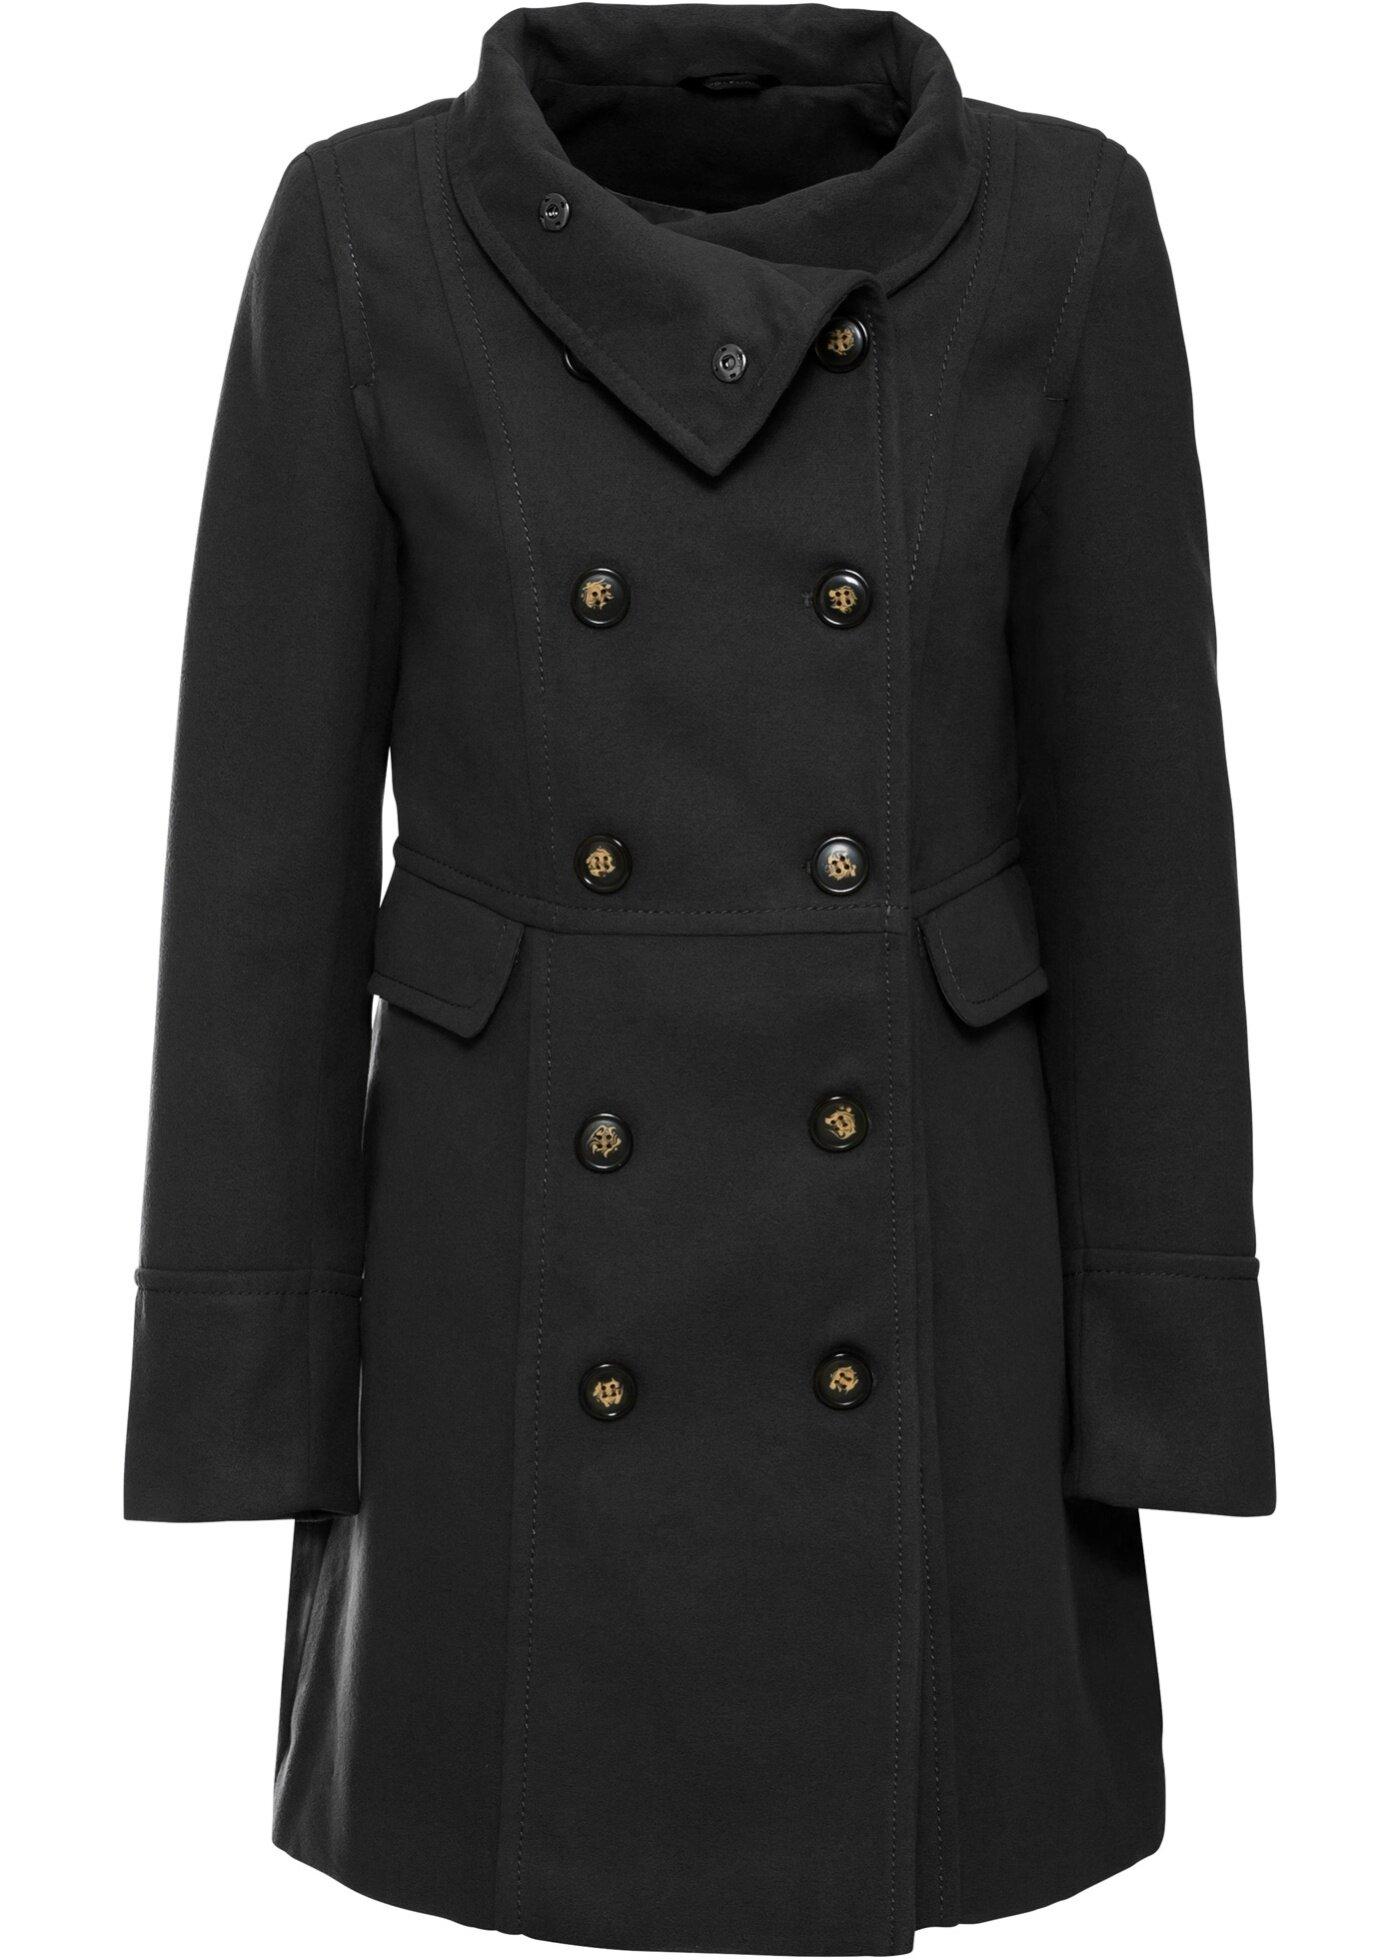 Пальто bonprix — купить по выгодной цене на Яндекс.Маркете